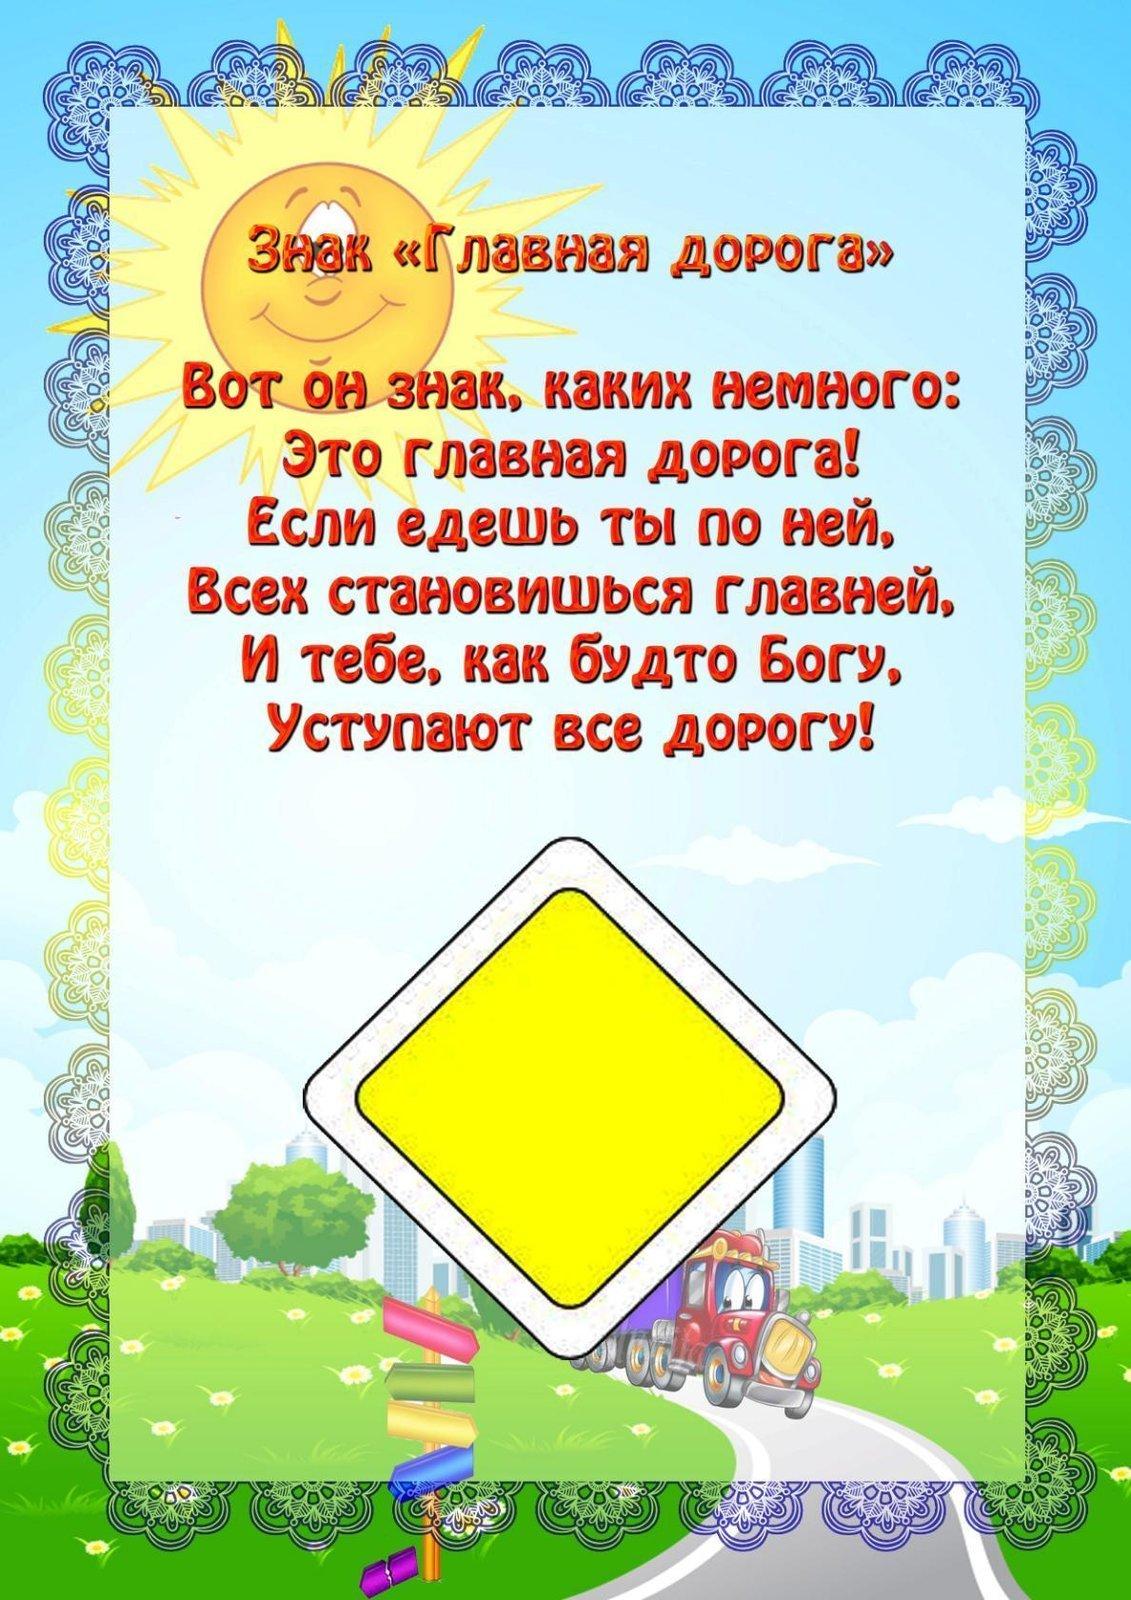 Дорожные знаки для детей в стихах картинках